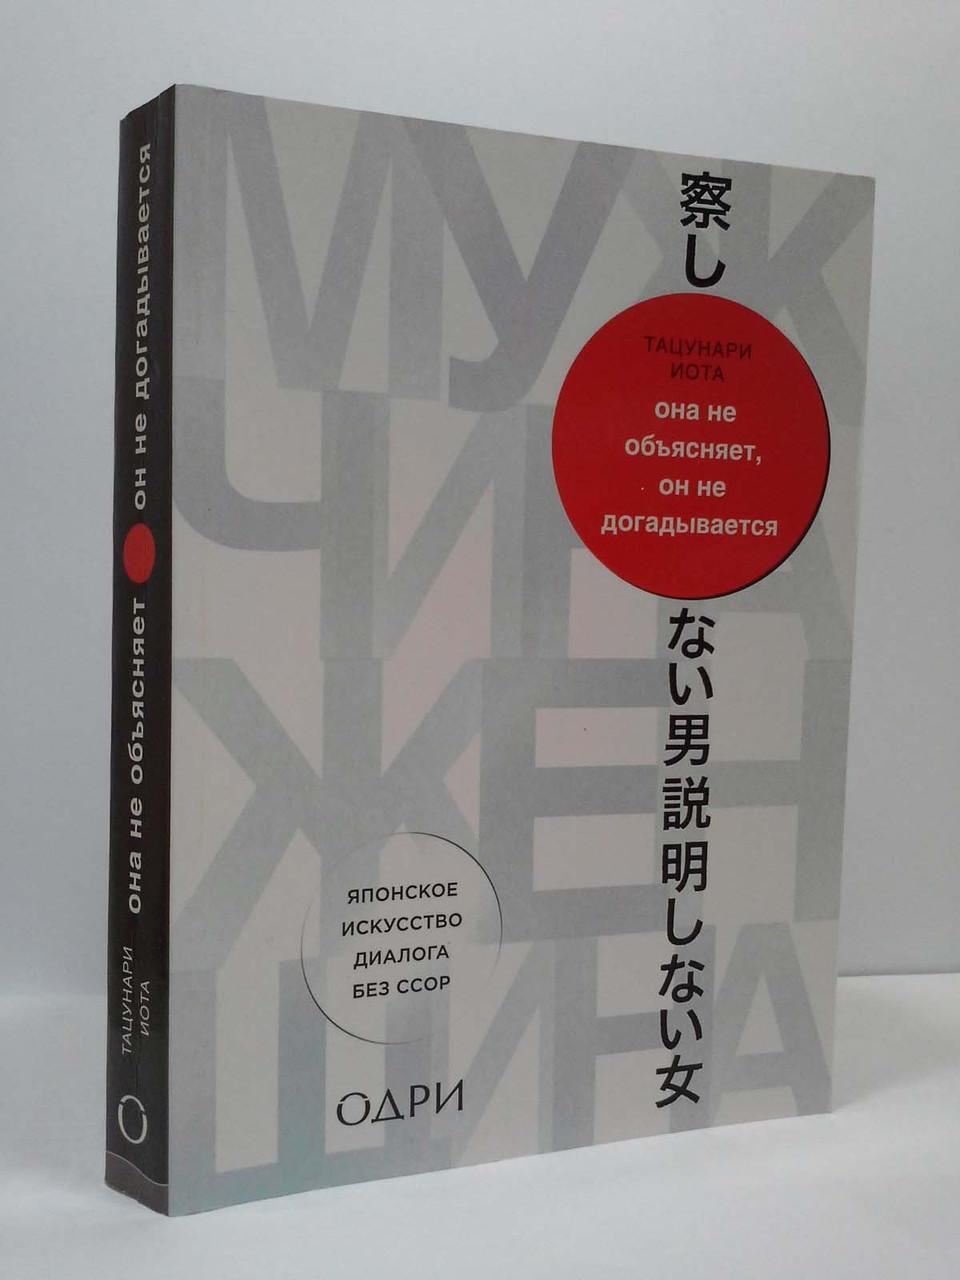 Эксмо Псих Тацунари Она не объясняет он не догадывается Японское искусство диалога без ссор